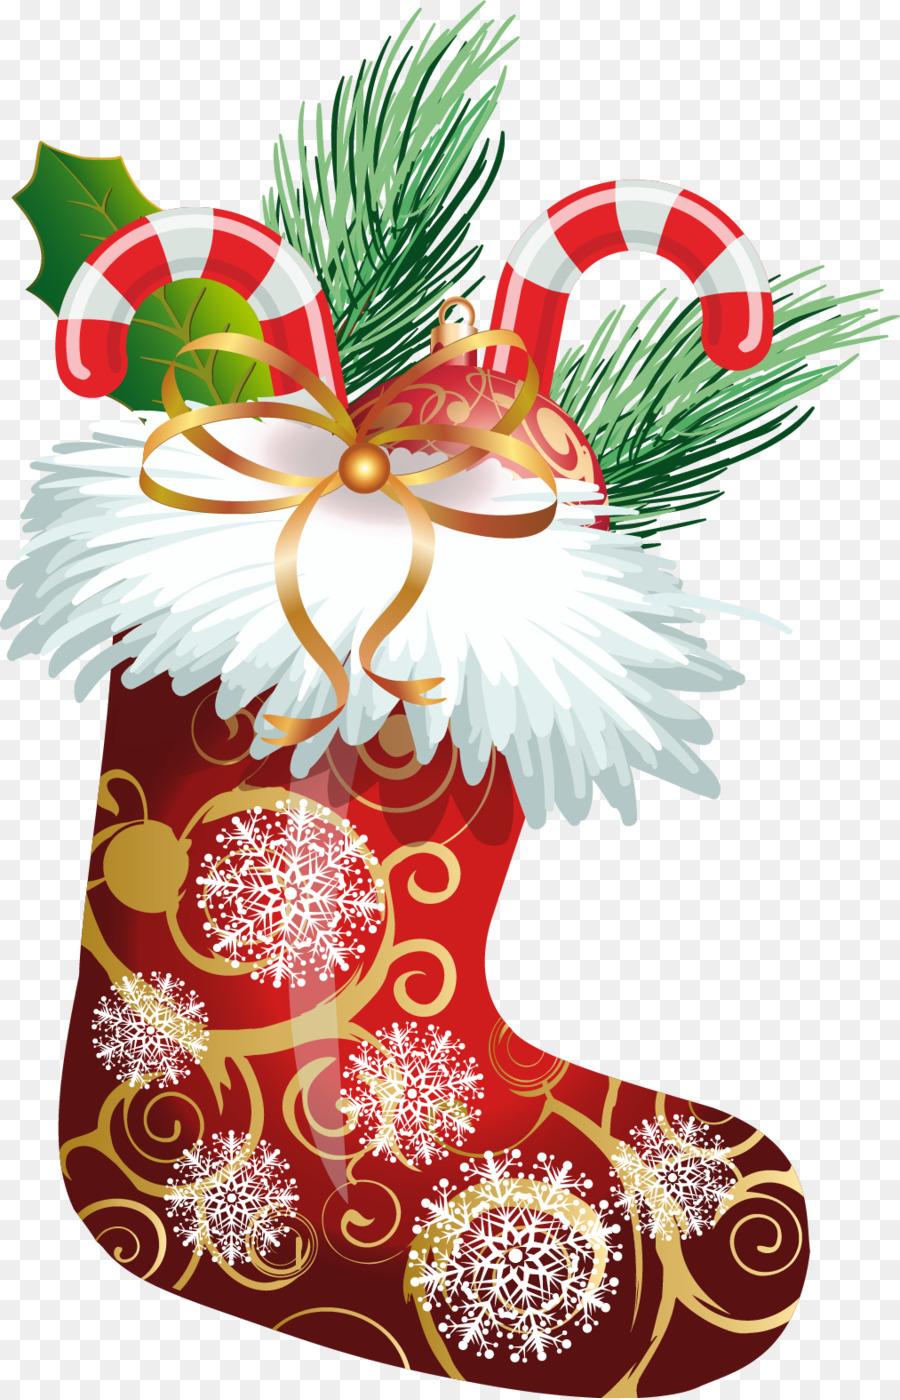 Descarga gratuita de árbol De Navidad, La Navidad, Calcetín De Navidad imágenes PNG